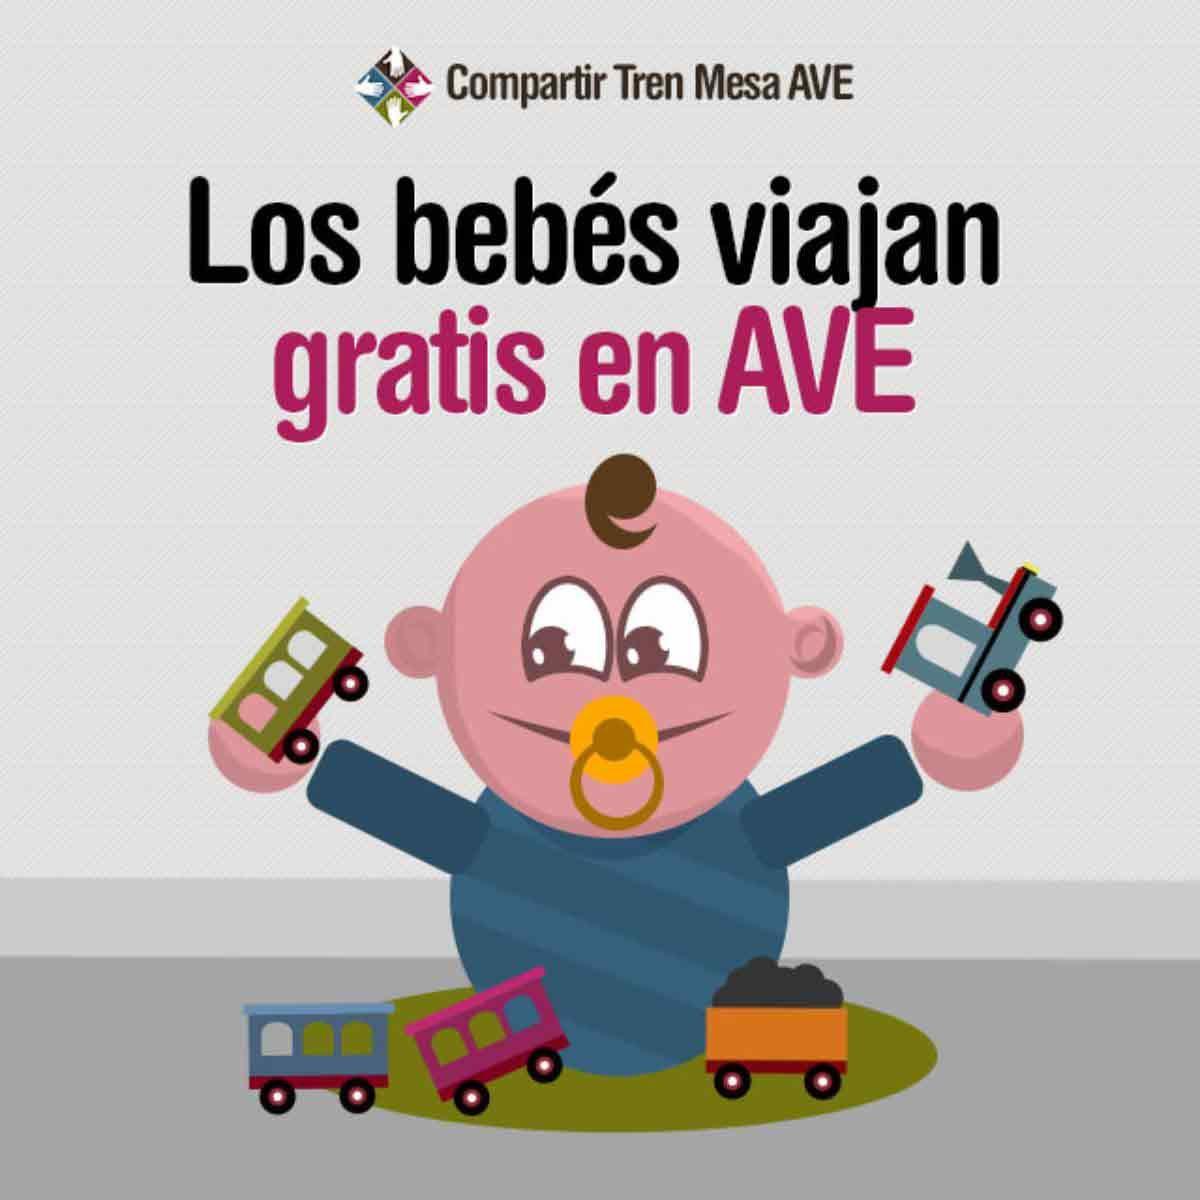 Viajar en AVE con niños menores de 4 años es gratis.